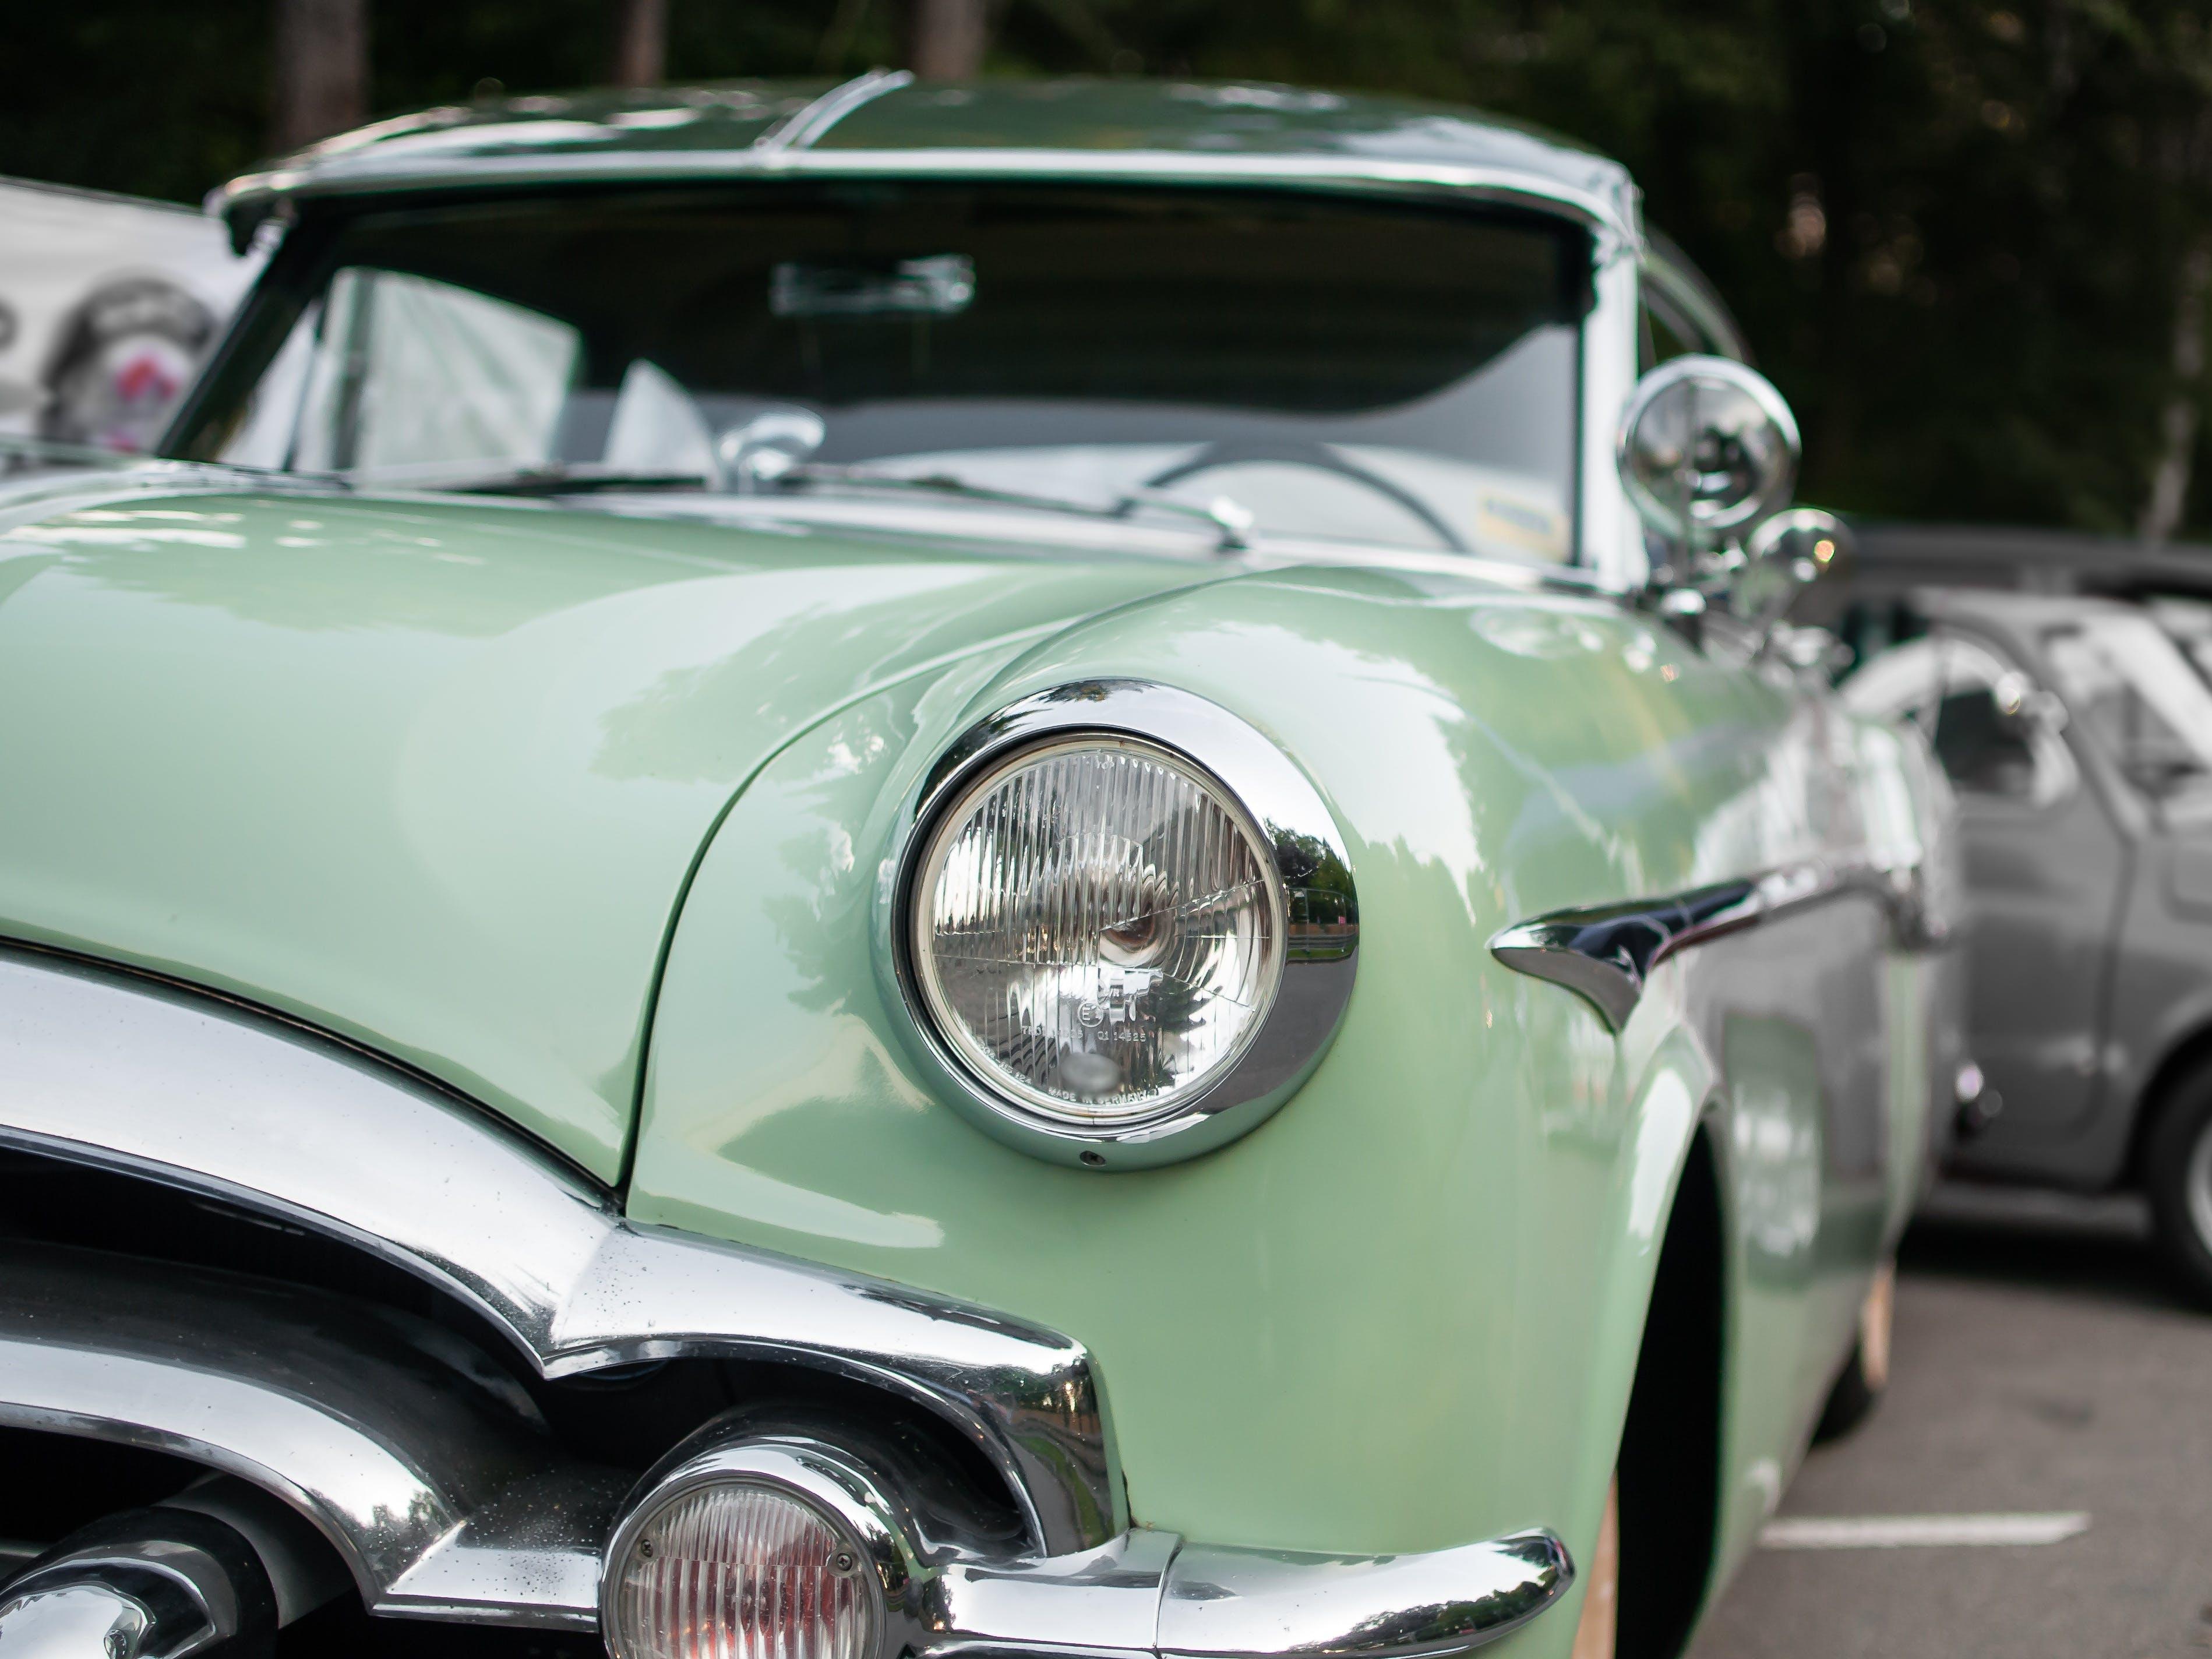 automobile, automotive, car